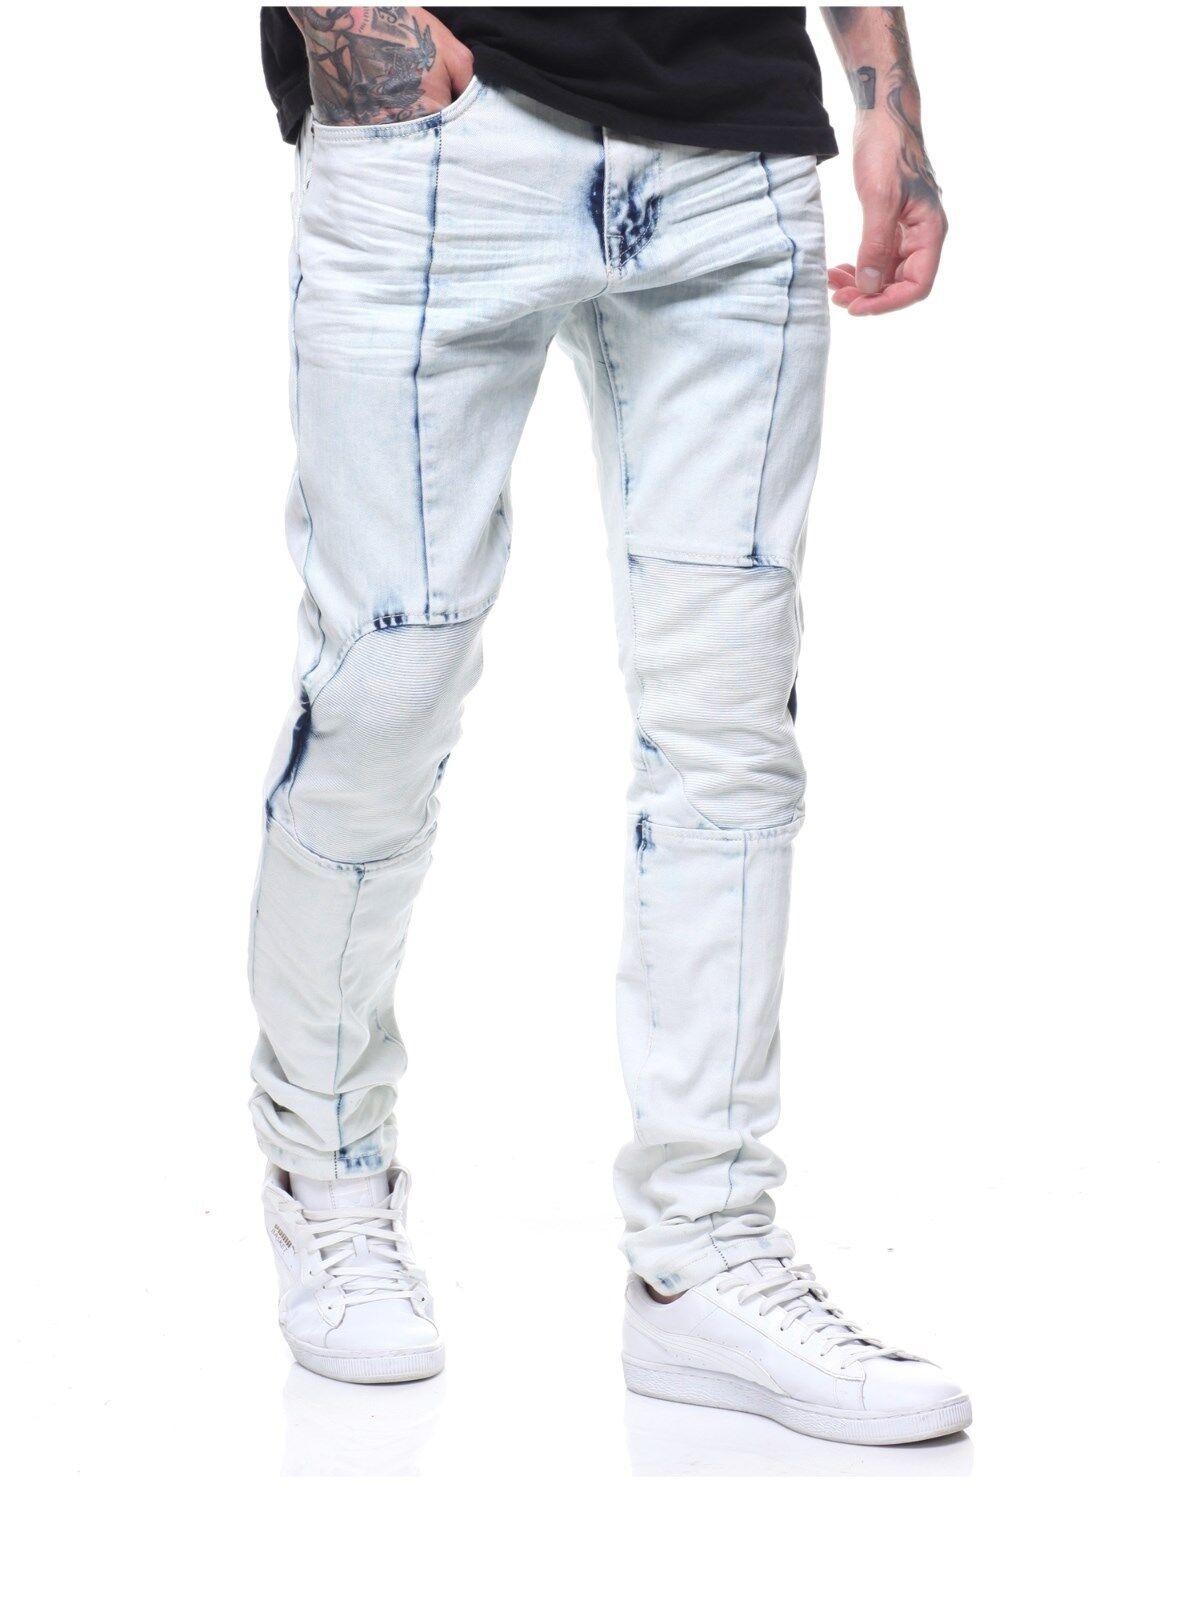 Smoke Rise Herren Flex 4 Bleach Wash Enge Passform Stretch Denim Jeans Eisblau  | Queensland  | Züchtungen Eingeführt Werden Eine Nach Der Anderen  | eine große Vielfalt